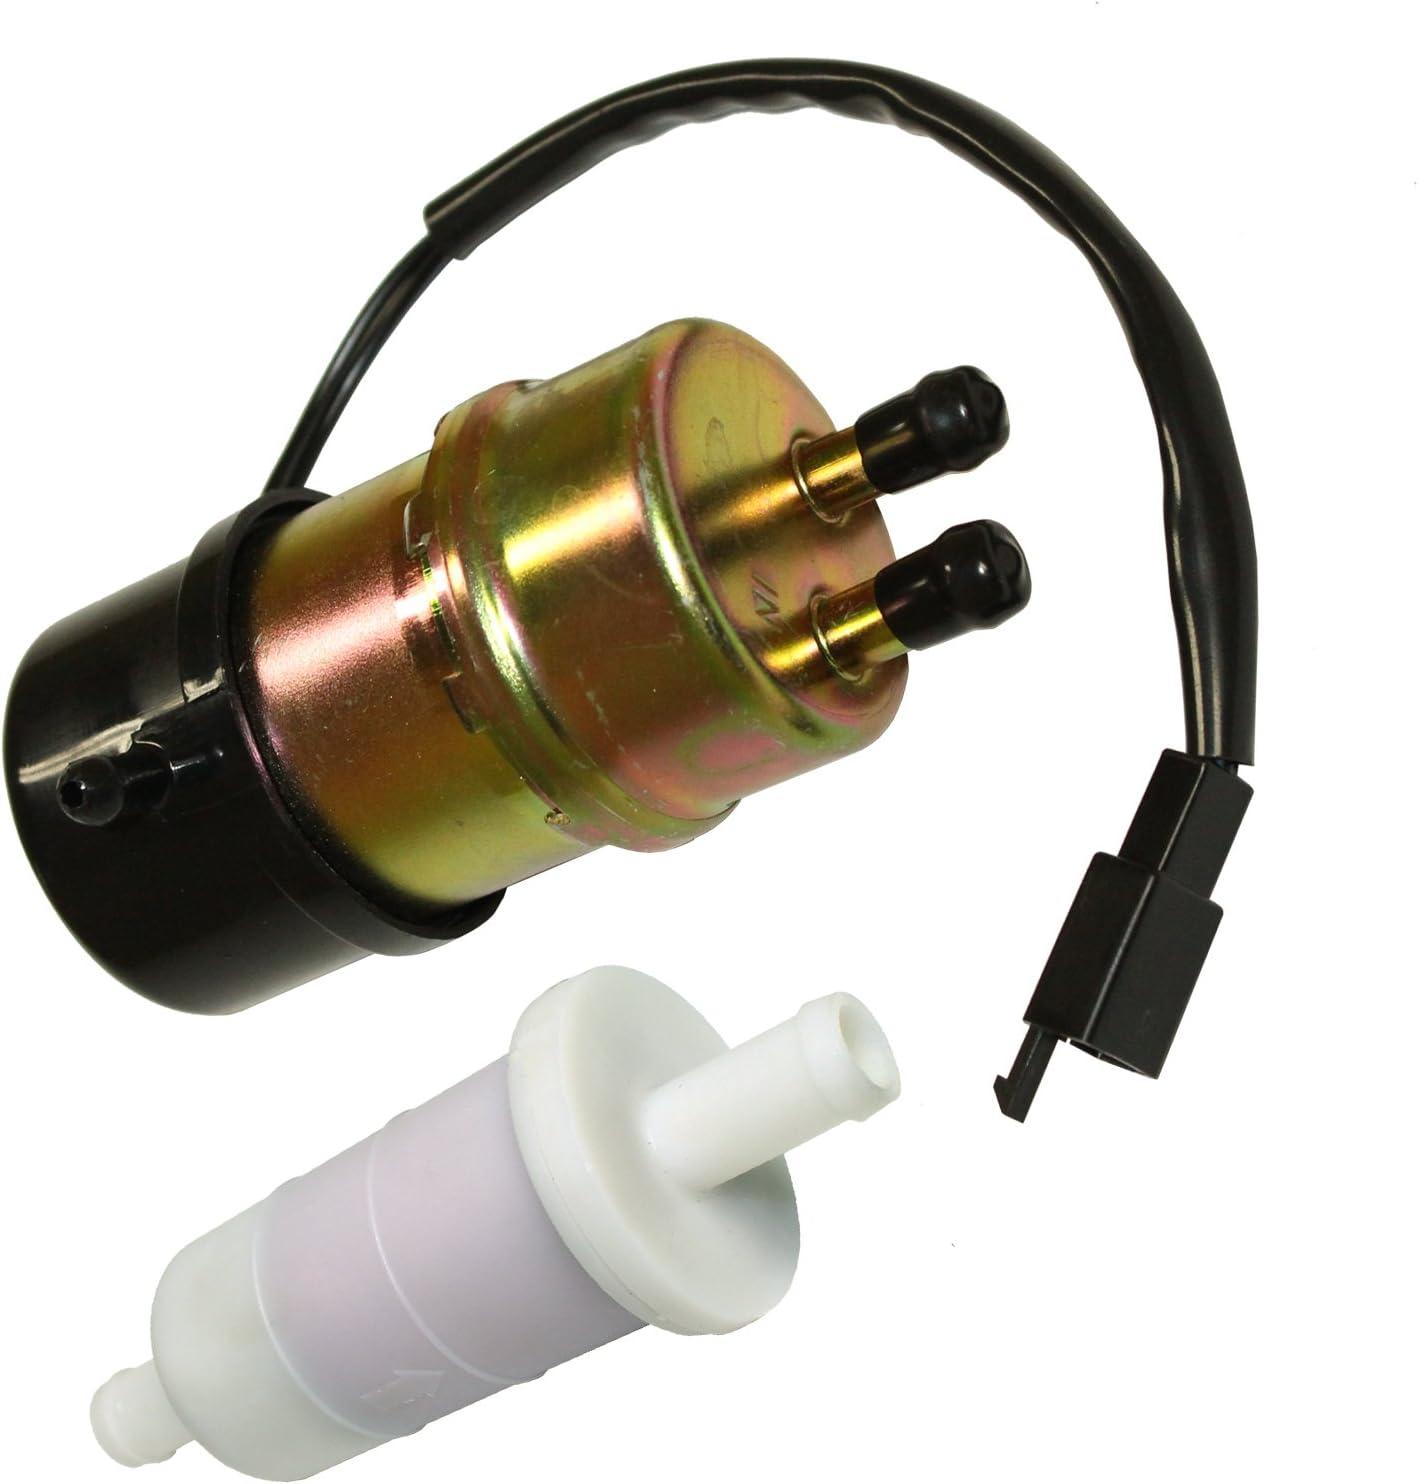 honda shadow fuel filter amazon com caltric fuel pump   filter for honda vt1100c2 shadow 1996 honda shadow 600 fuel filter caltric fuel pump   filter for honda